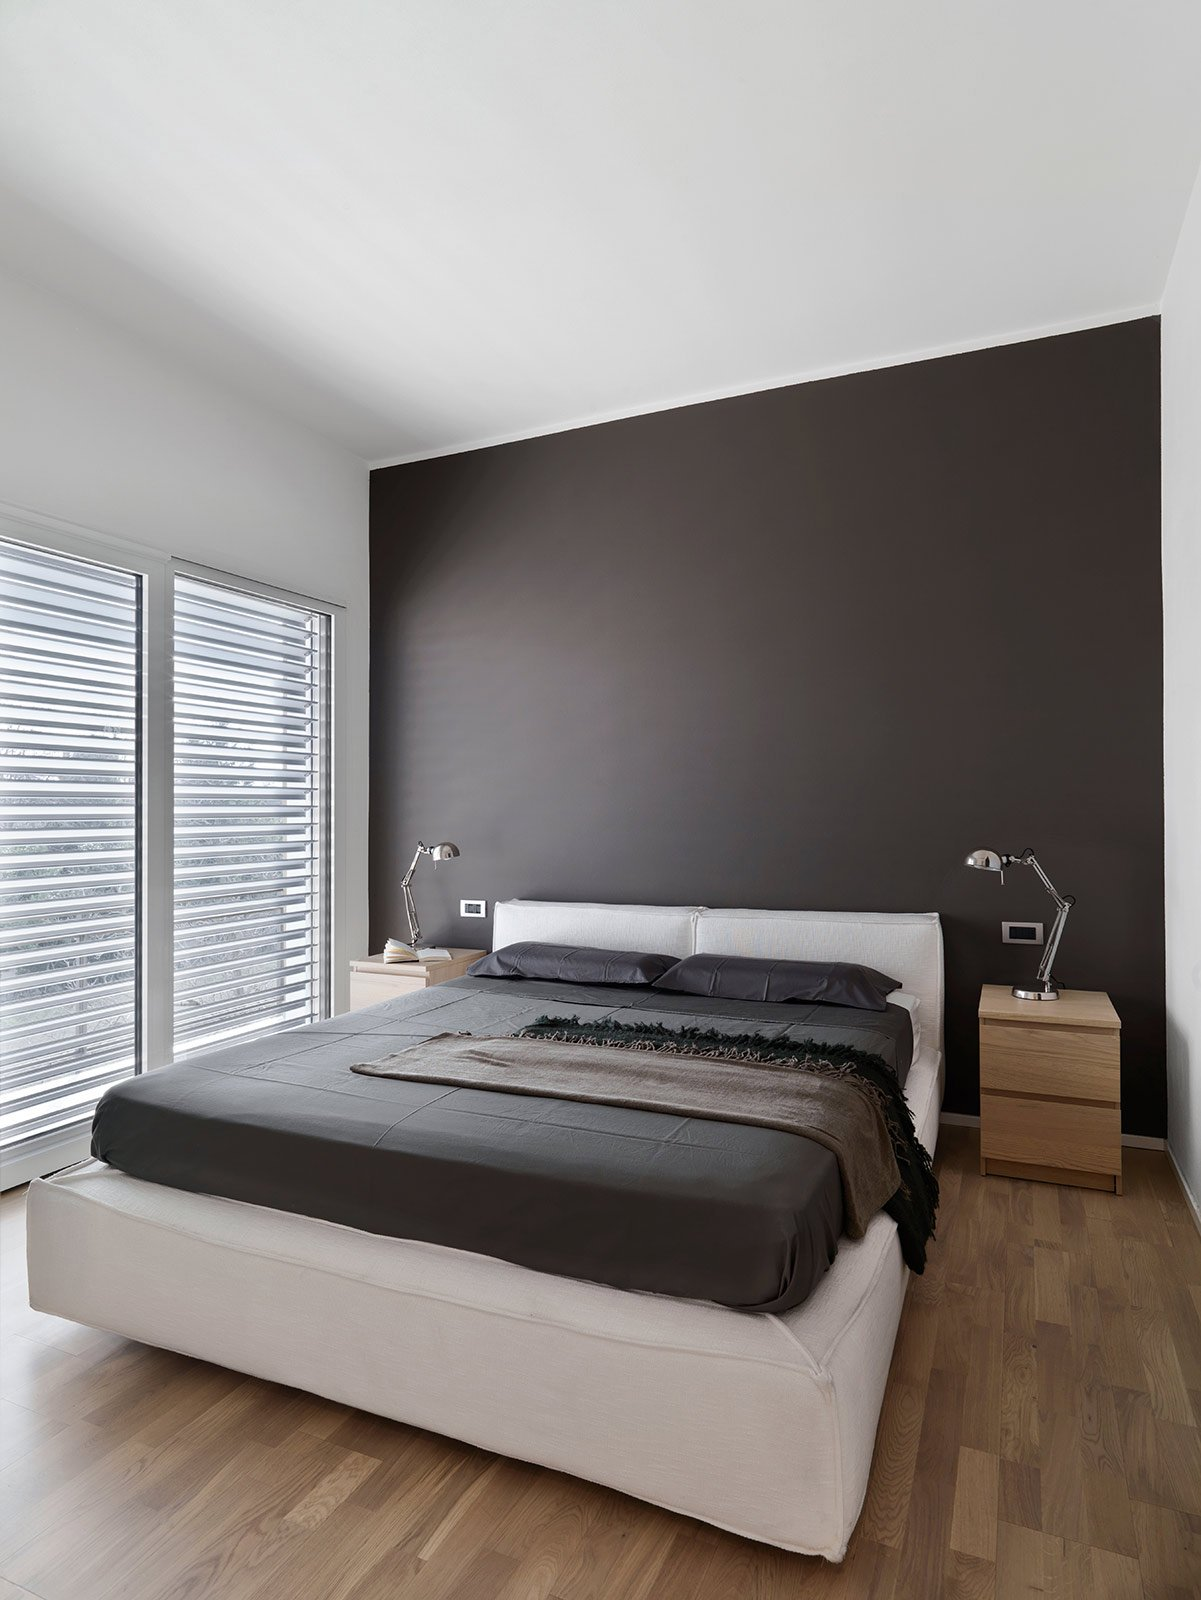 Una casa ristrutturata ridisegnando le prospettive interne cose di casa - Parete grigia camera da letto ...